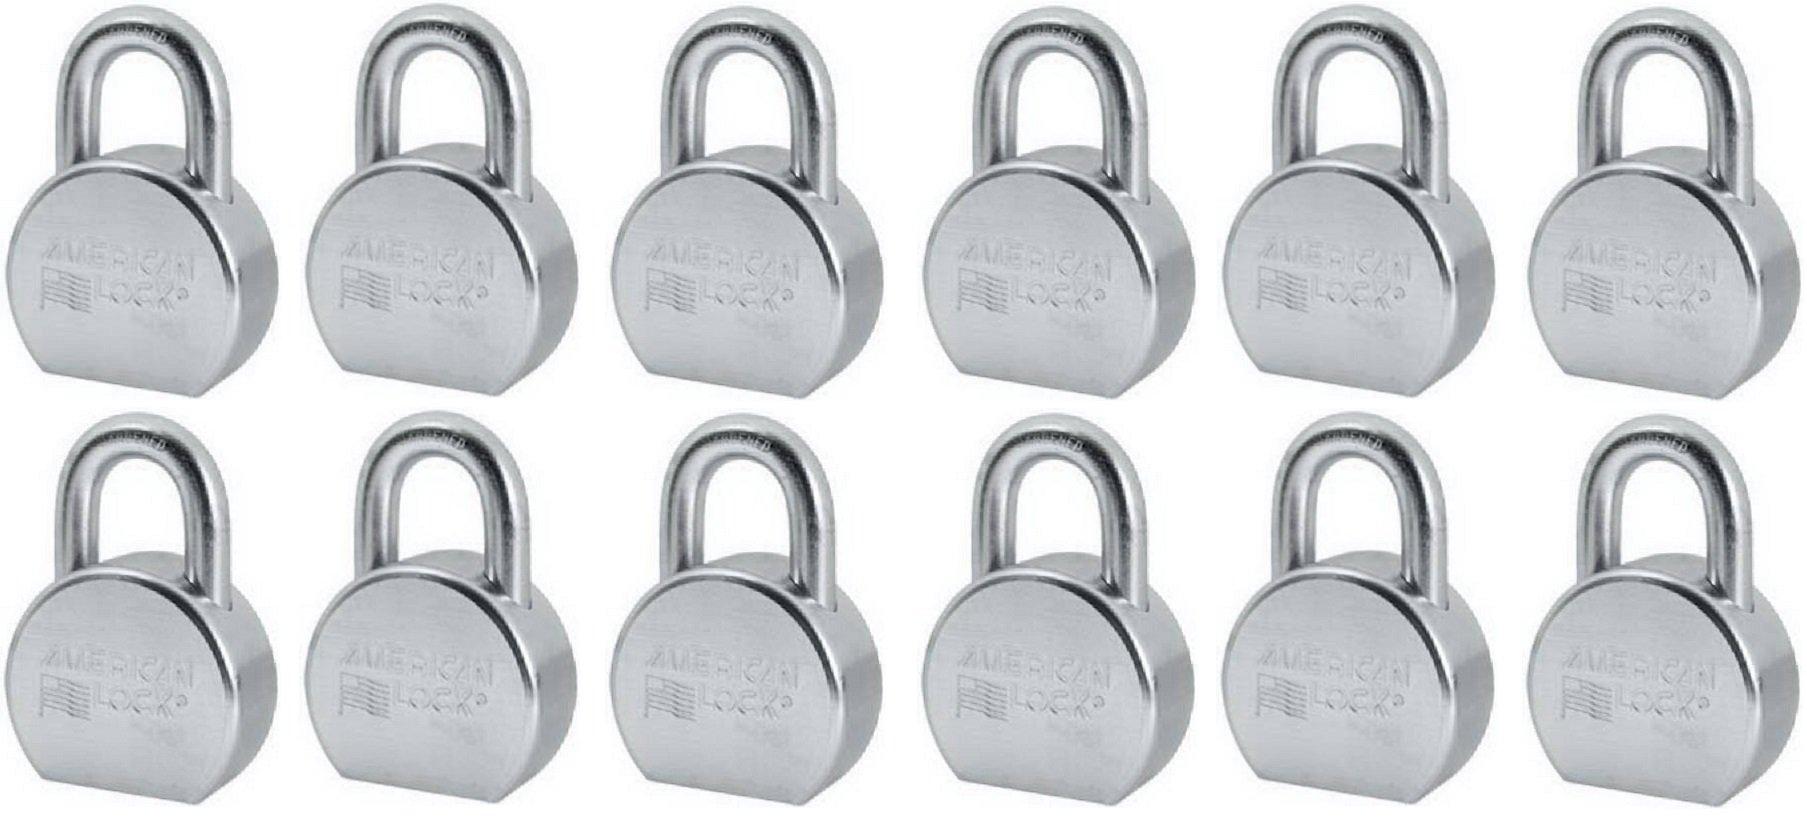 Master / American Lock A702KA35852 2-1/2'' Round Keyed Alike Steel Padlocks - Quantity 12